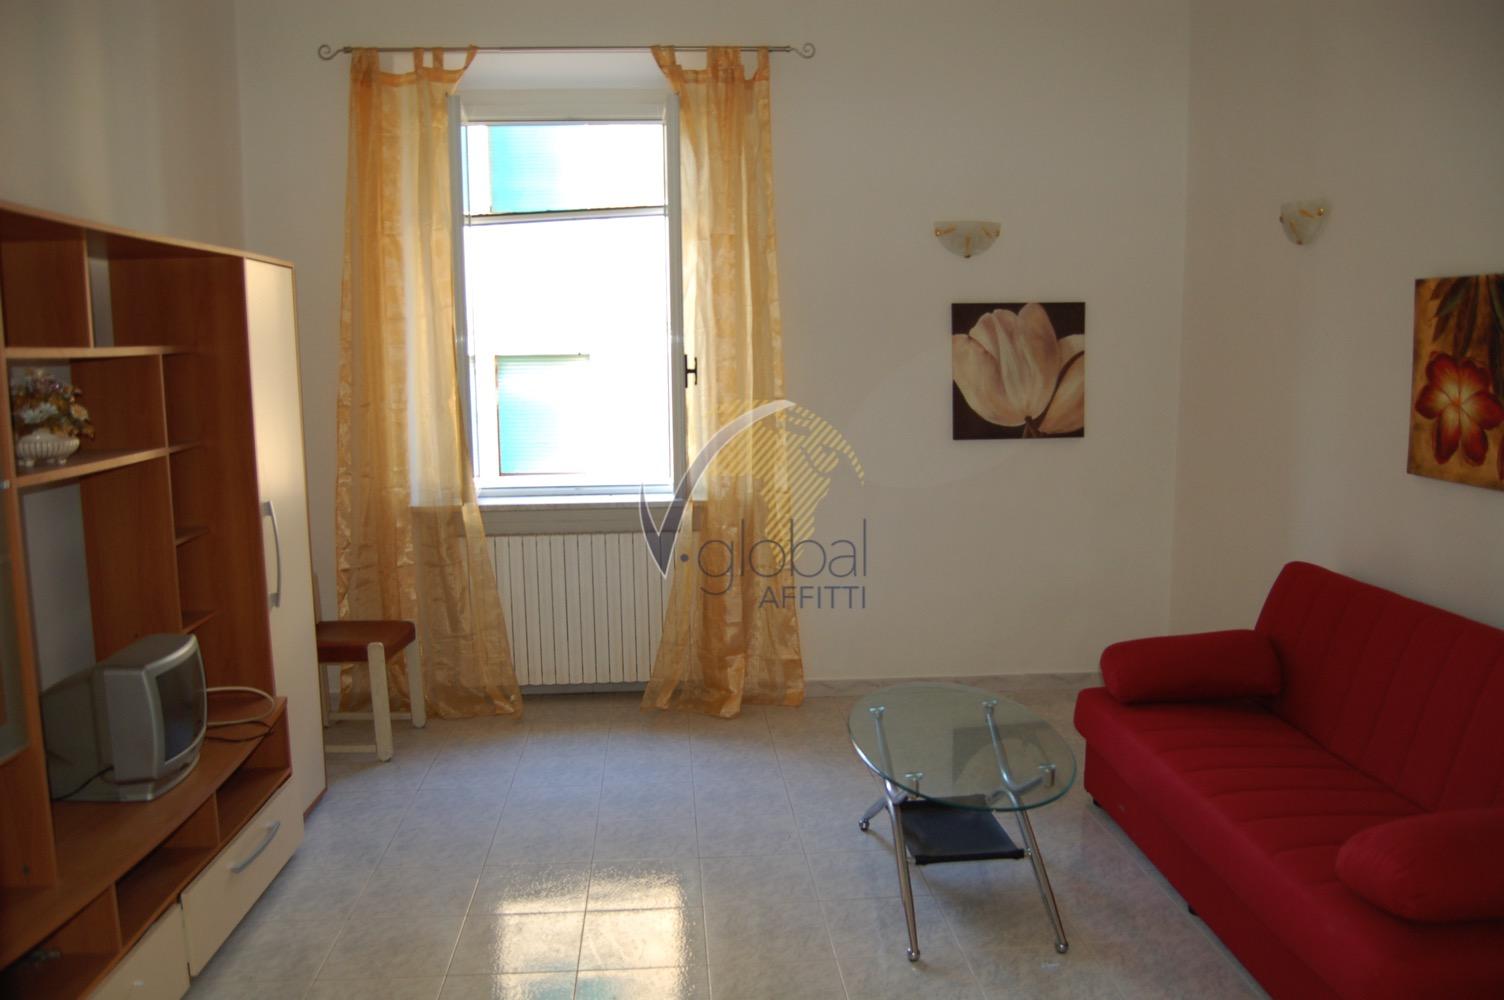 Appartamento in affitto a Livorno, 3 locali, zona Località: Periferianord, prezzo € 590 | Cambio Casa.it